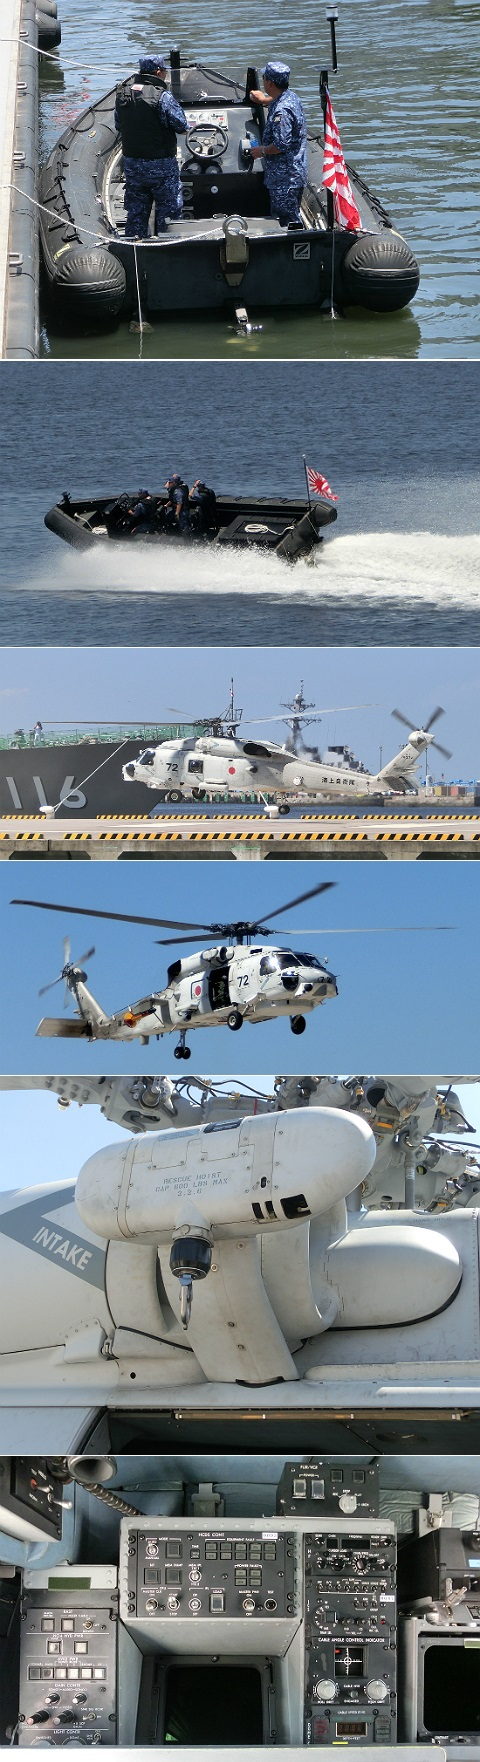 海上自衛隊横須賀地方総監部 艦艇一般公開 特別機動船、哨戒ヘリSH-60J